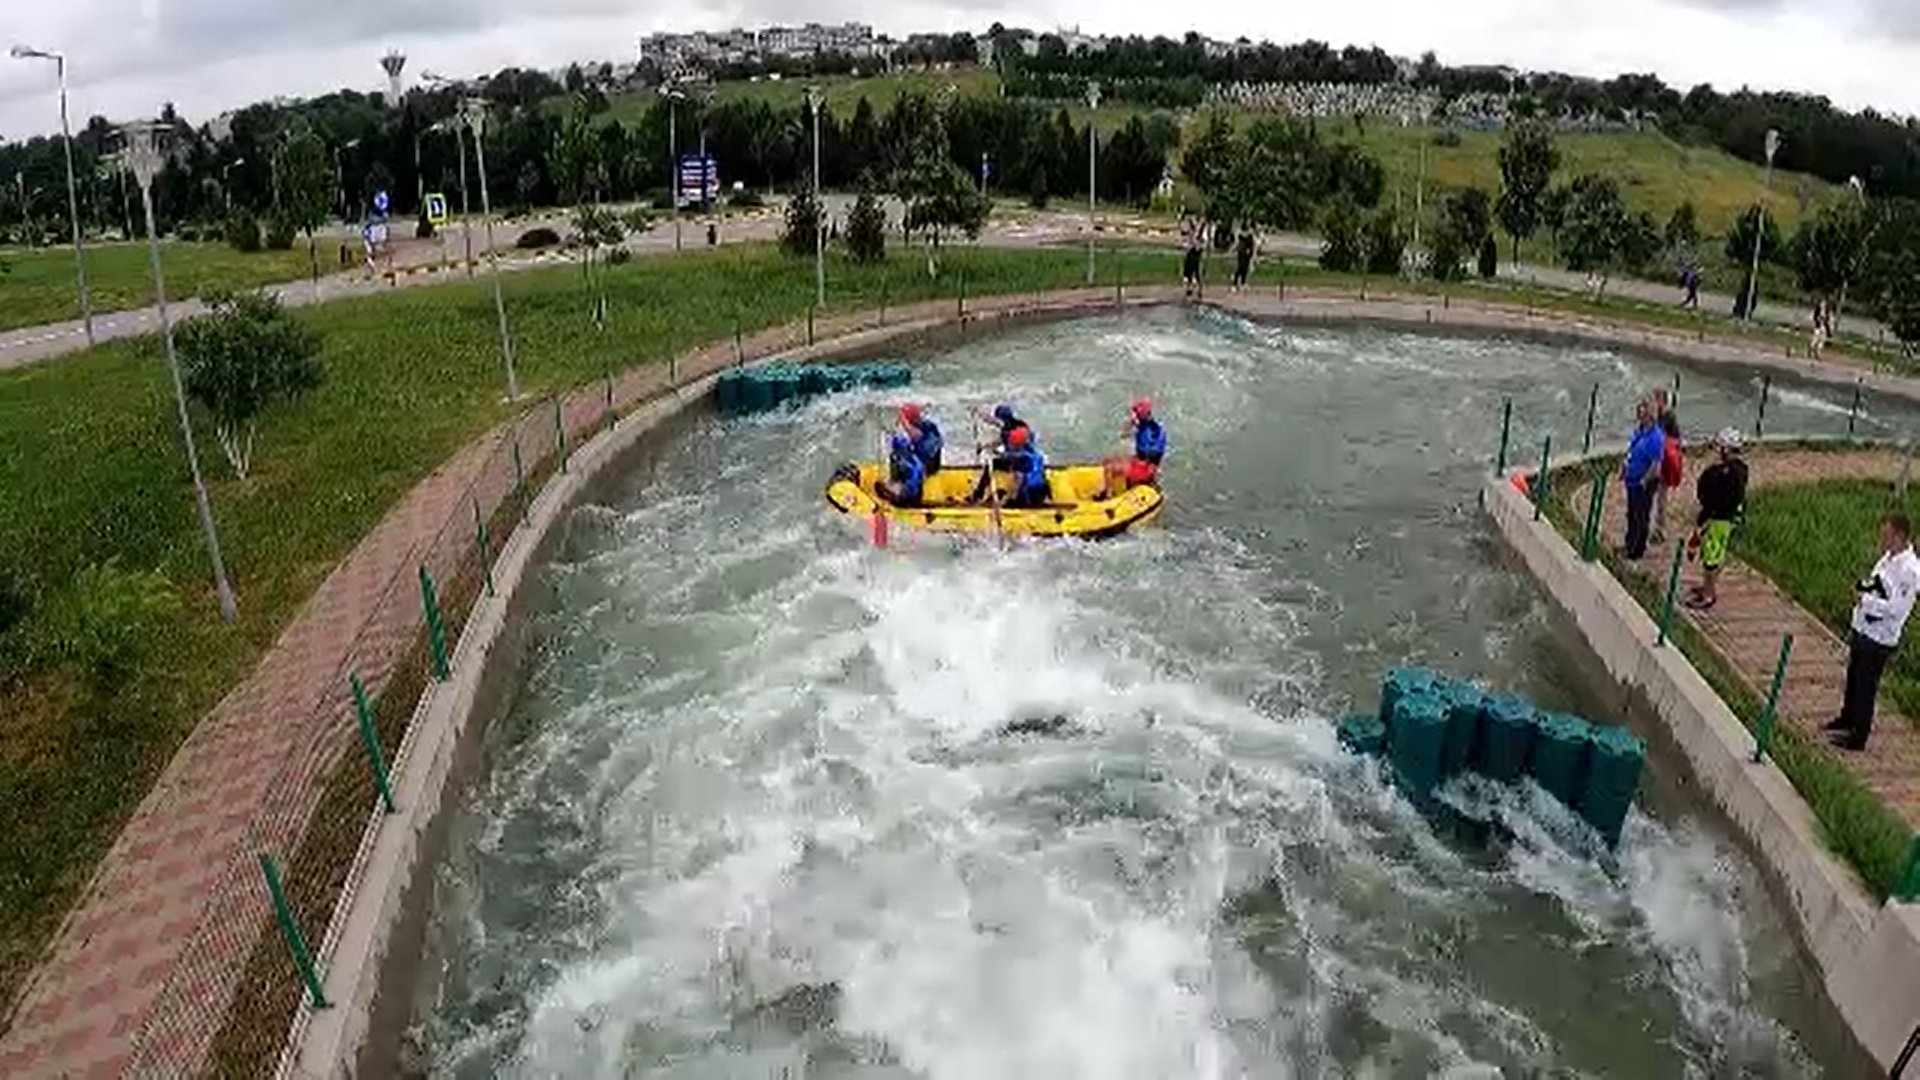 Cum arată singurul parc de rafting artificial din estul Europei, dat în folosință la Botoșani